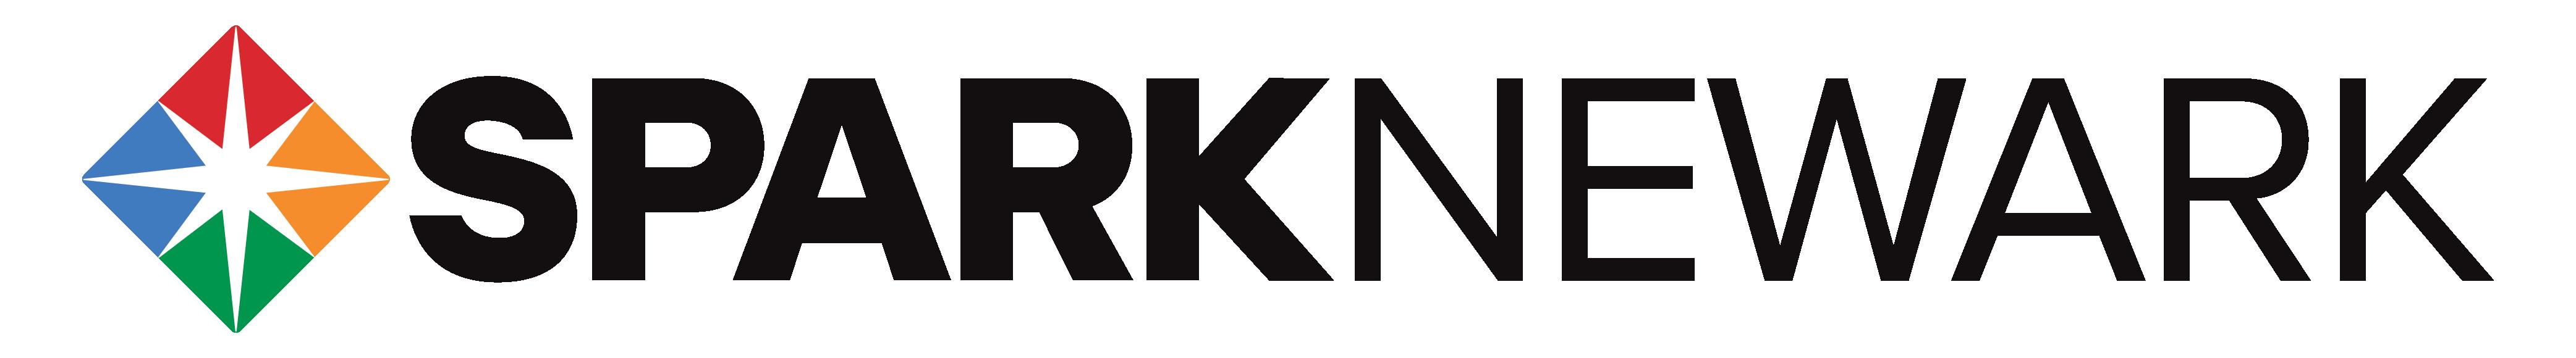 SparkNewark NJ 2021 Fit City Challenge